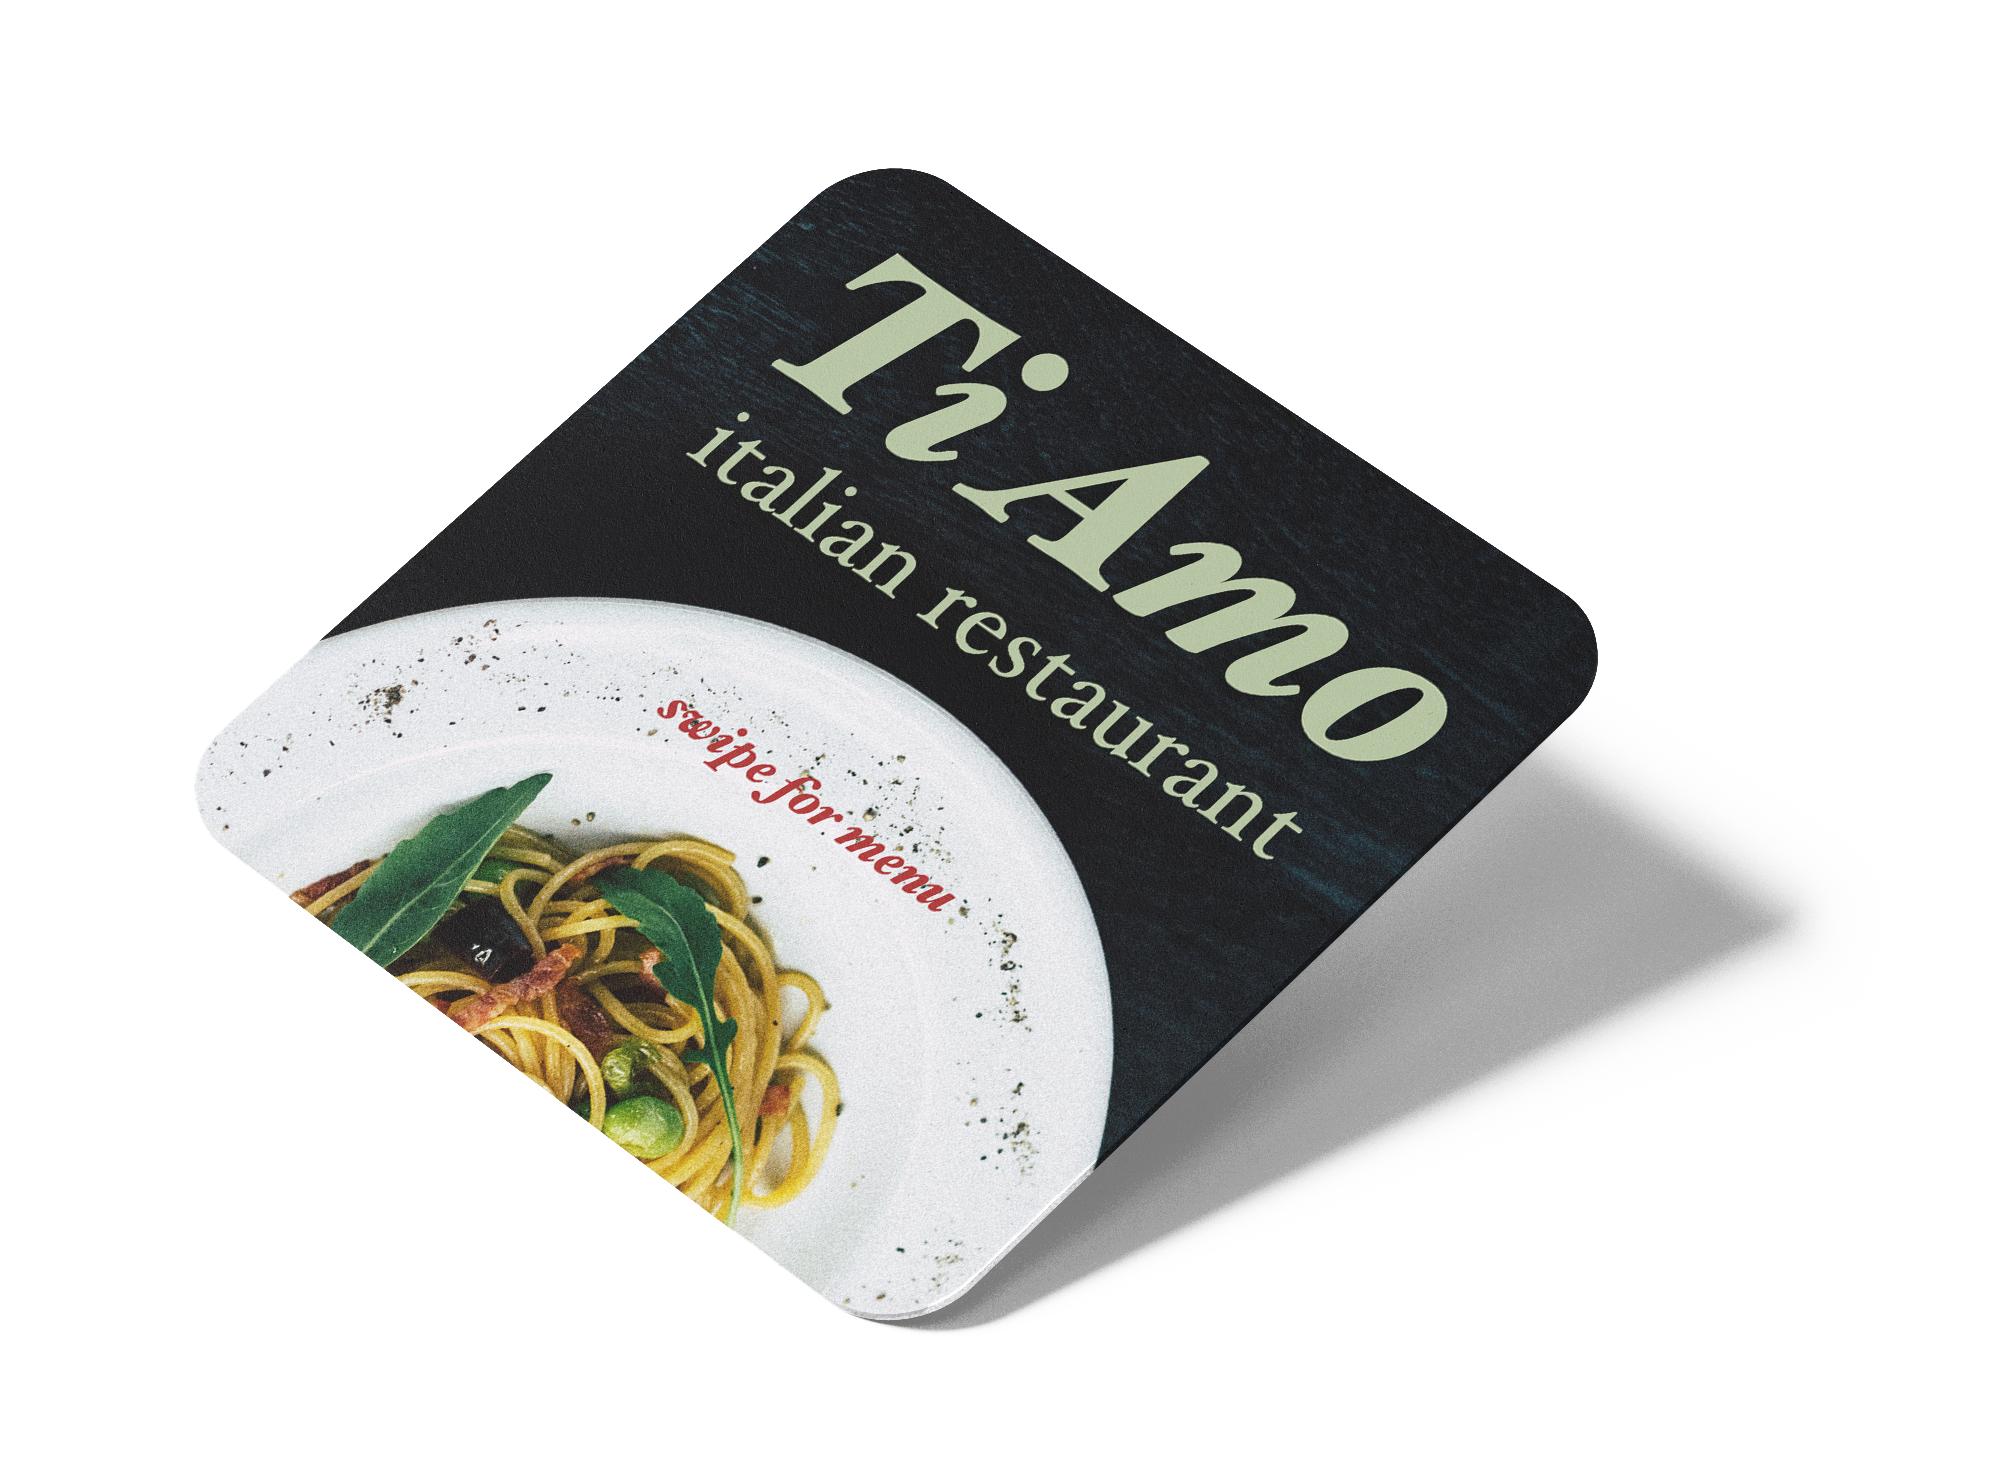 Italian Restaurant Ti Amp